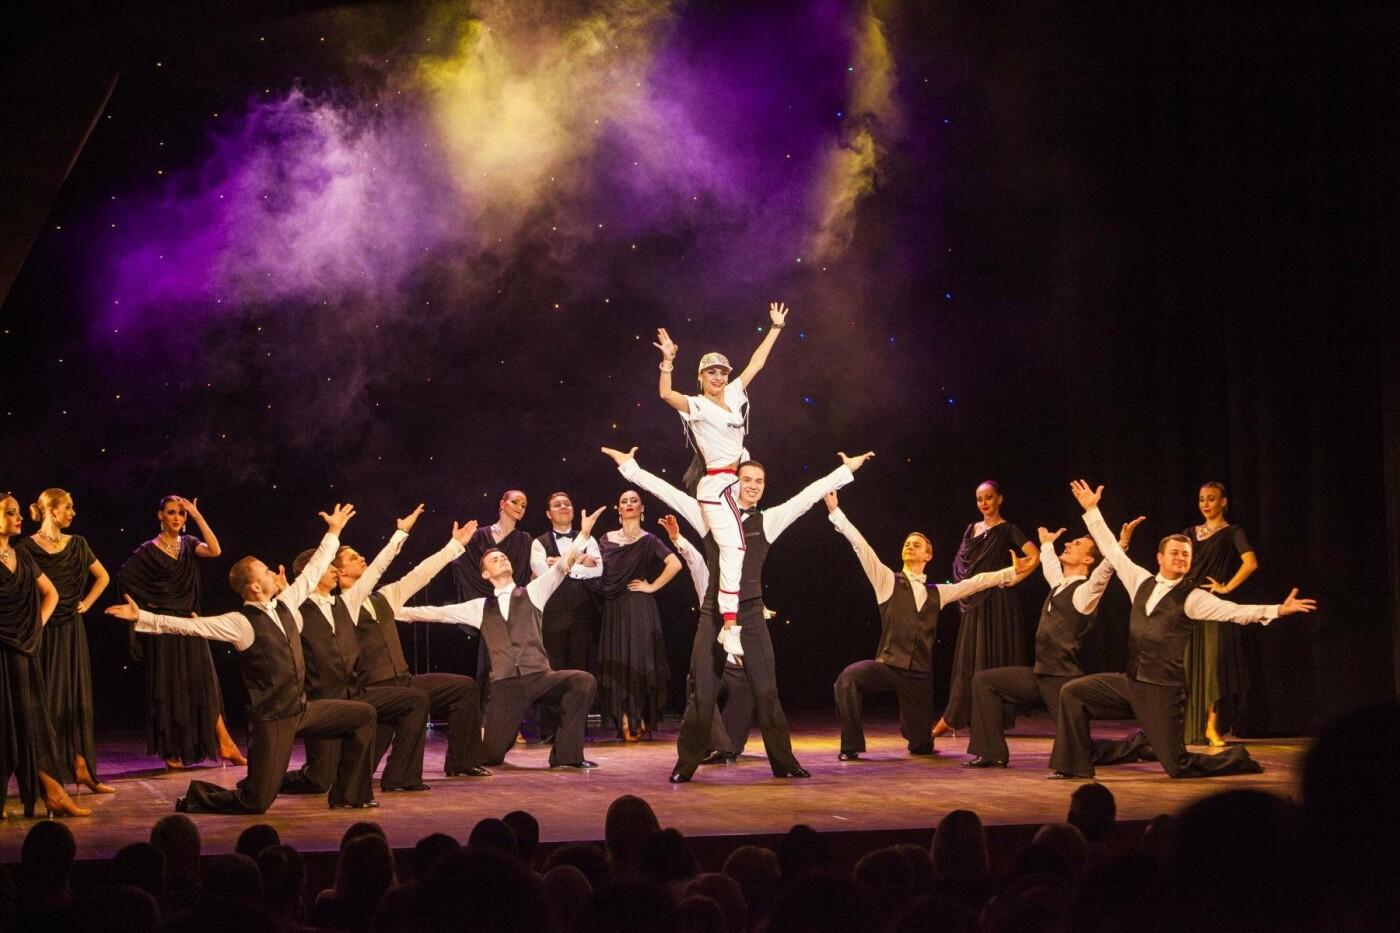 С программой «Избранное» в Ялте выступит Севастопольский Театр Танца имени Вадима Елизарова, фото-4